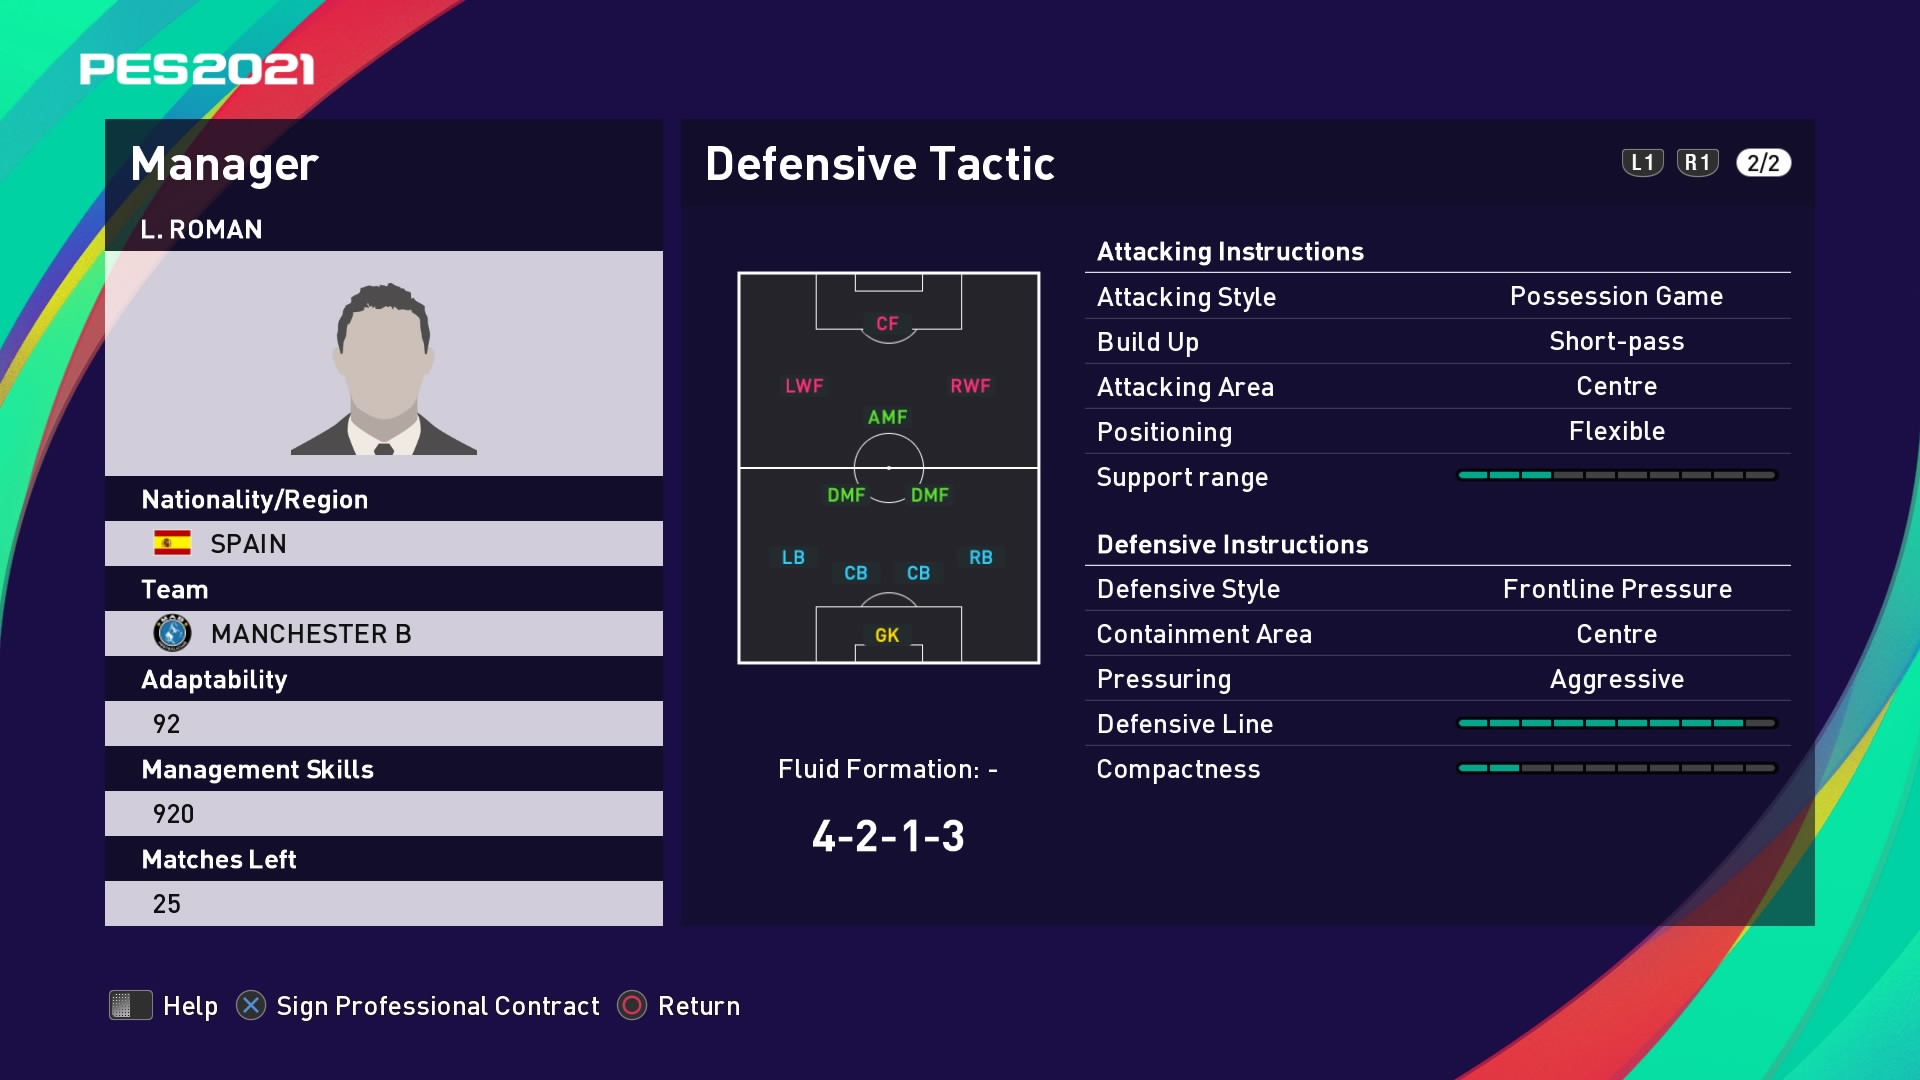 L. Roman (Pep Guardiola) Defensive Tactic in PES 2021 myClub